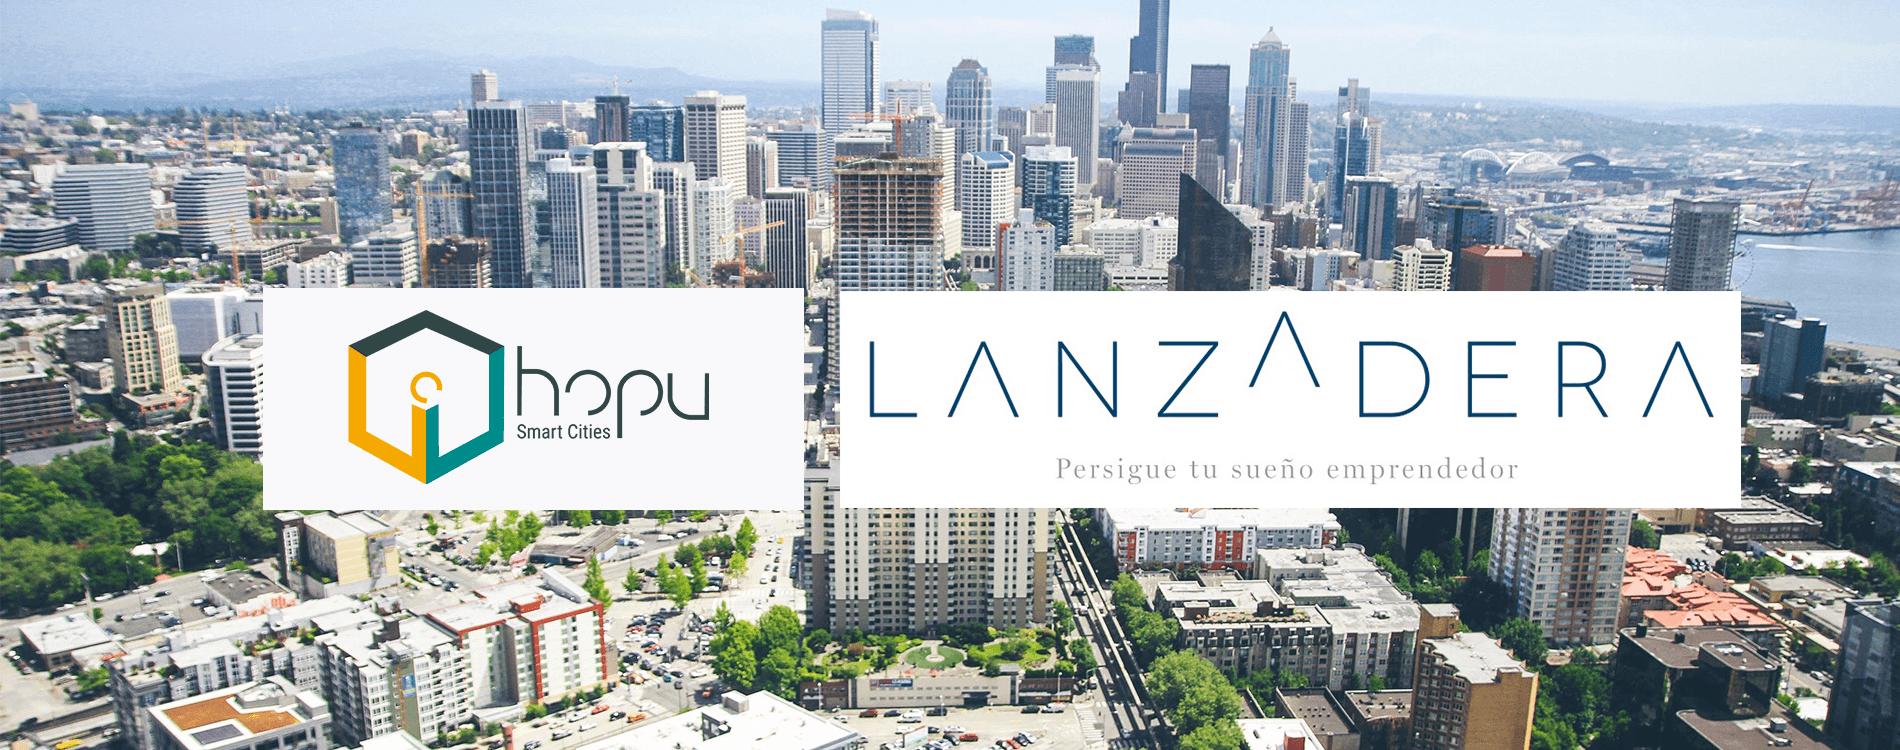 Lanzadera reconoce el potencial del mercado de las Smart Cities contando con HOPU en su programa de aceleración